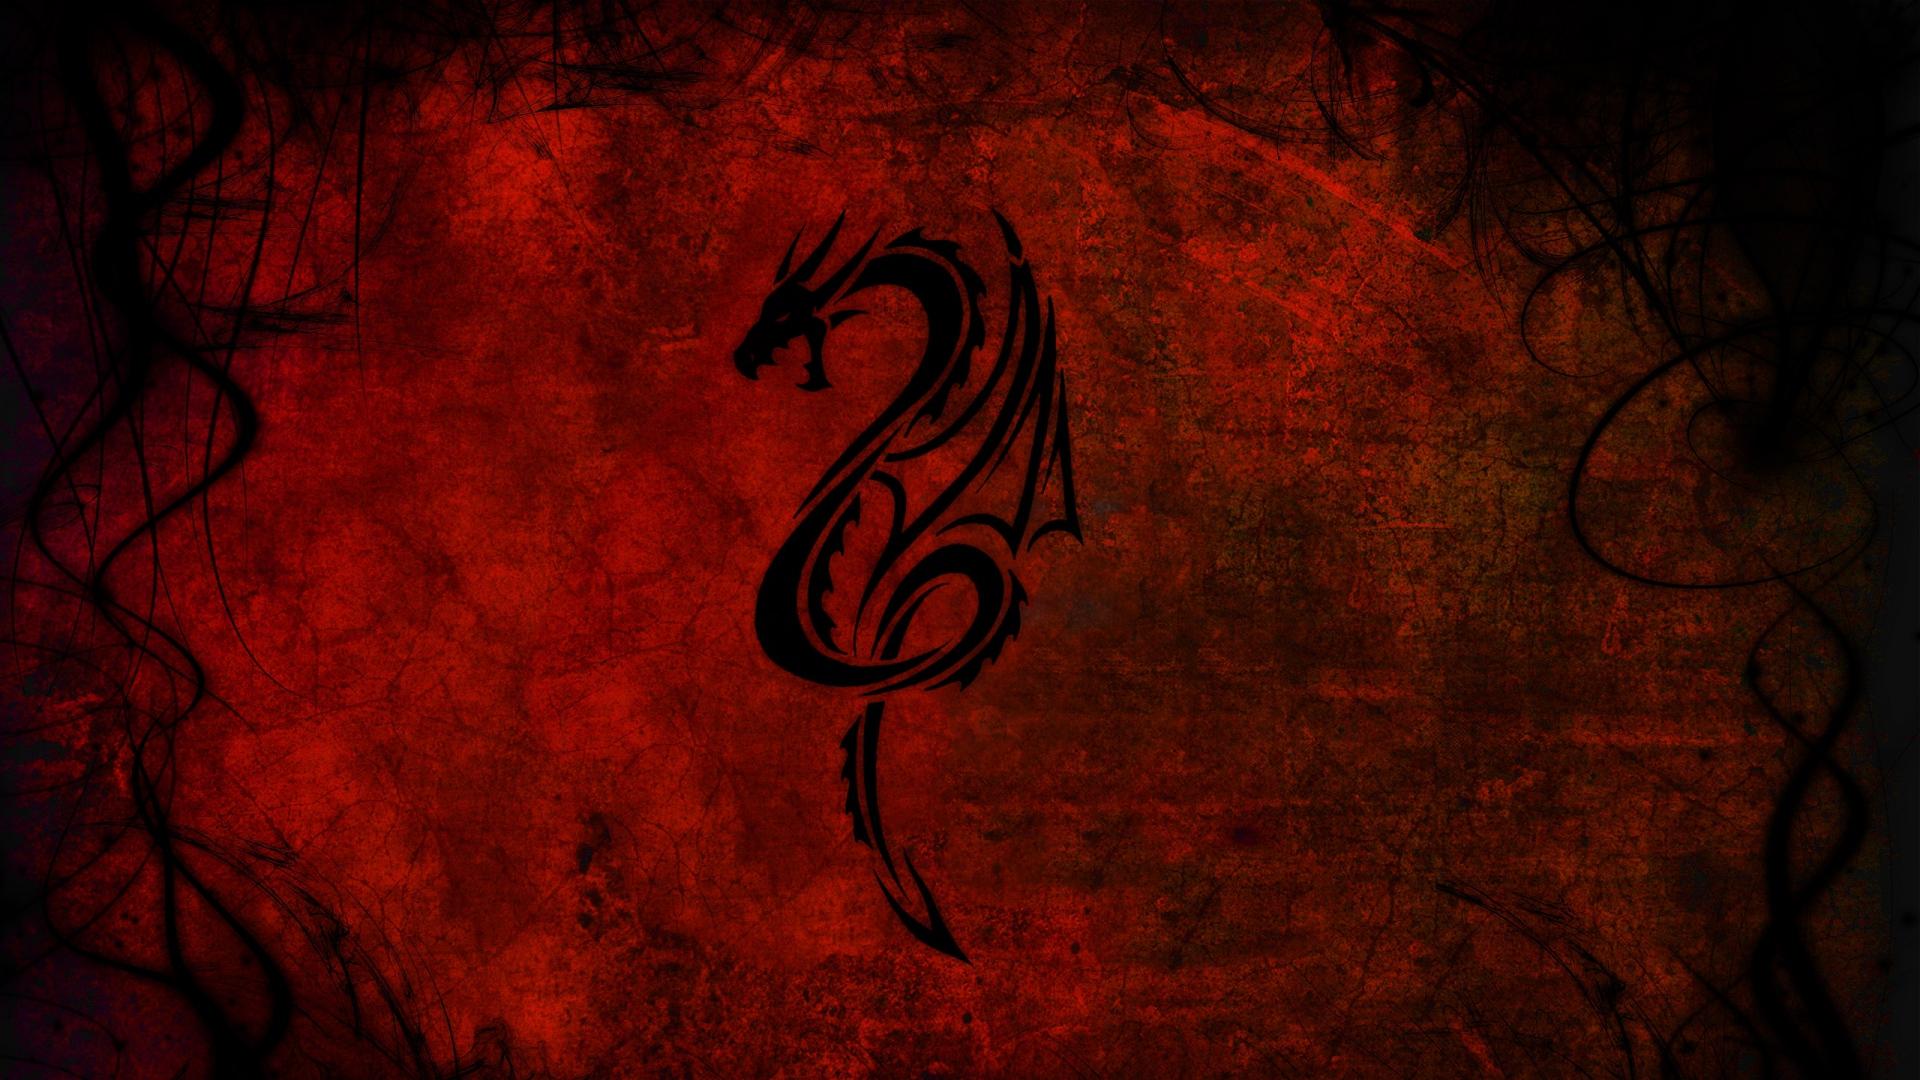 Wallpaper 1920x1080 dragon pattern red black Full HD 1080p HD 1920x1080